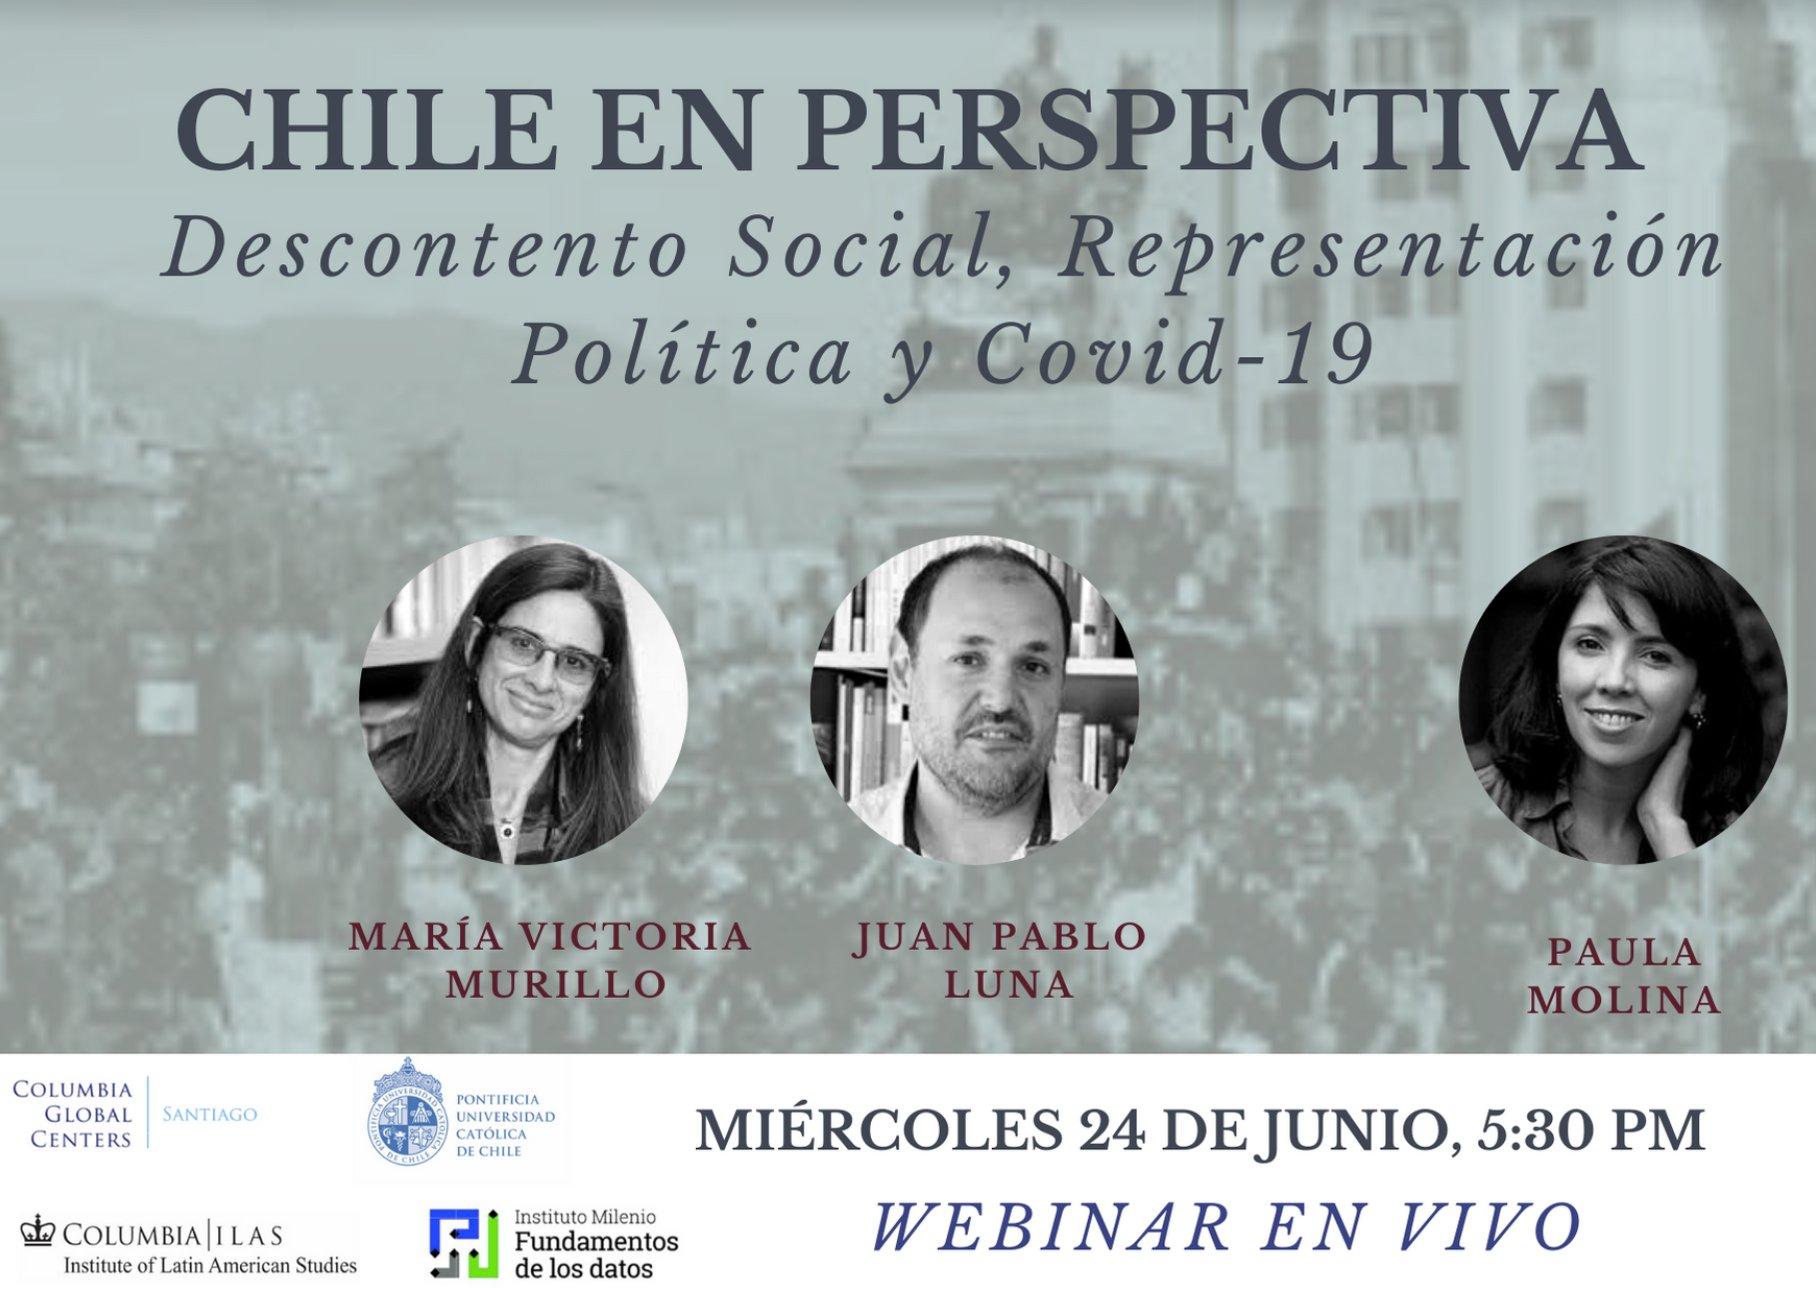 Chile en Perspectiva: Descontento Social, Representación Política y Covid-19